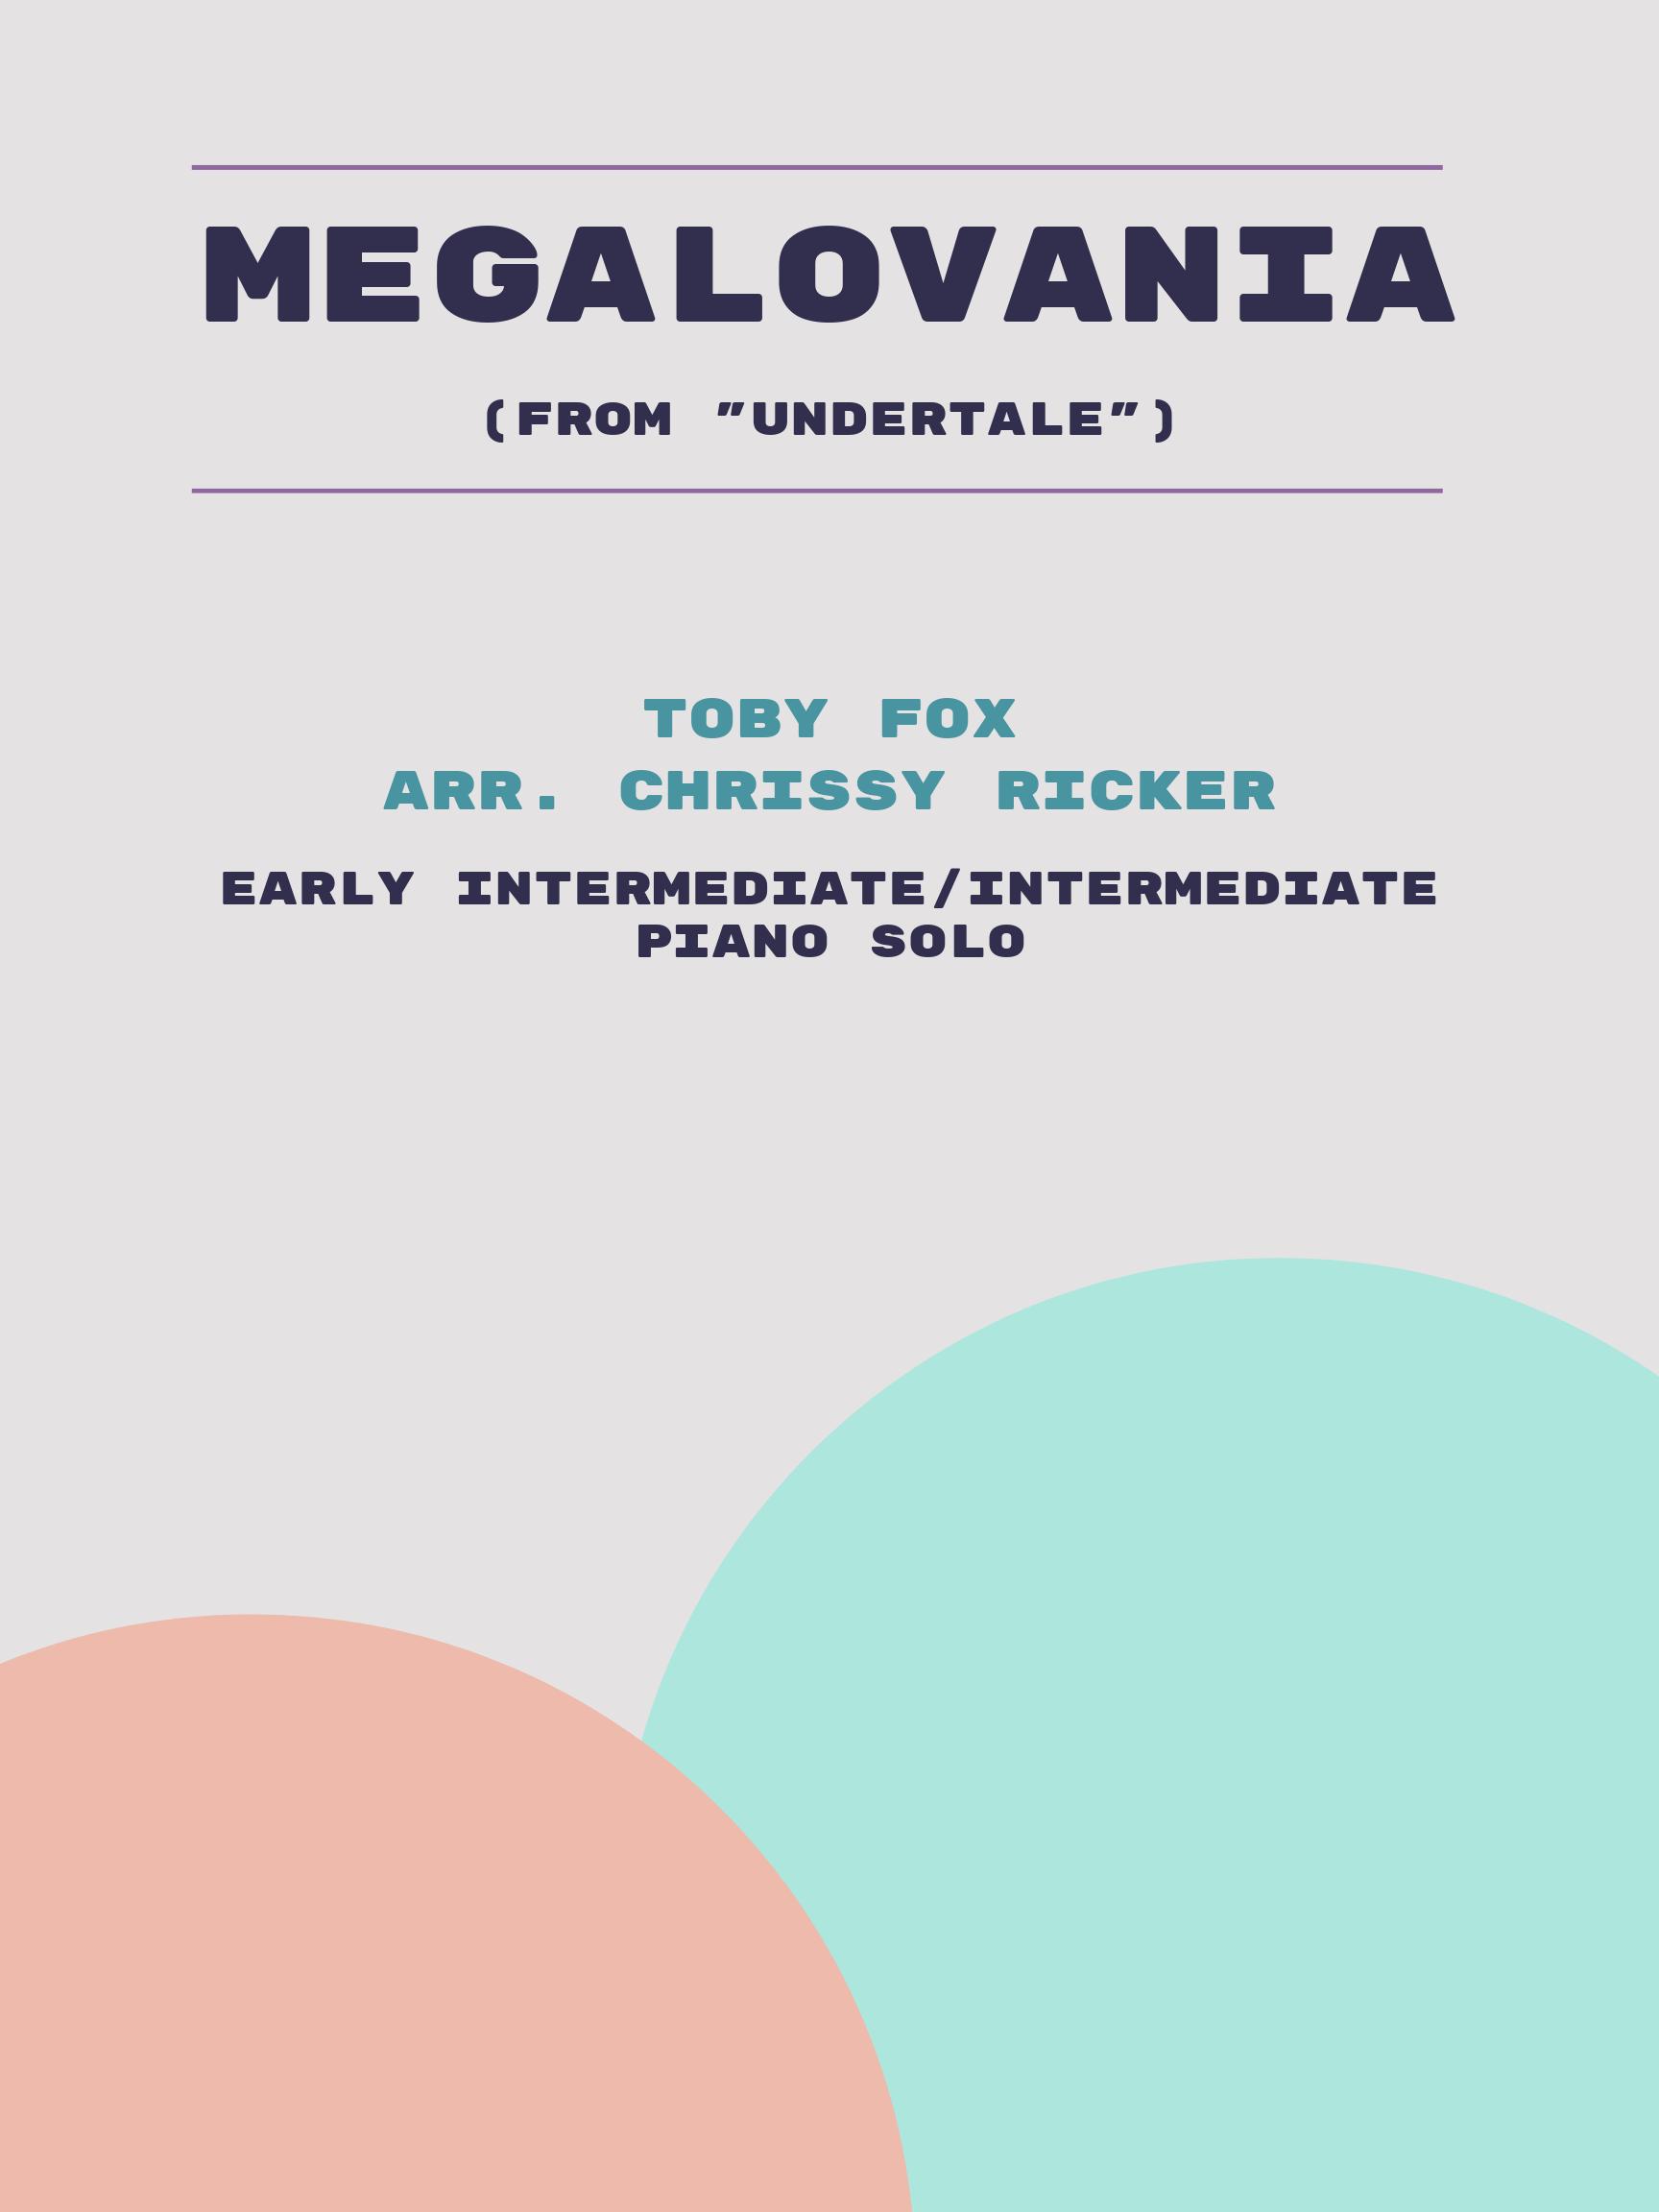 Megalovania by Toby Fox